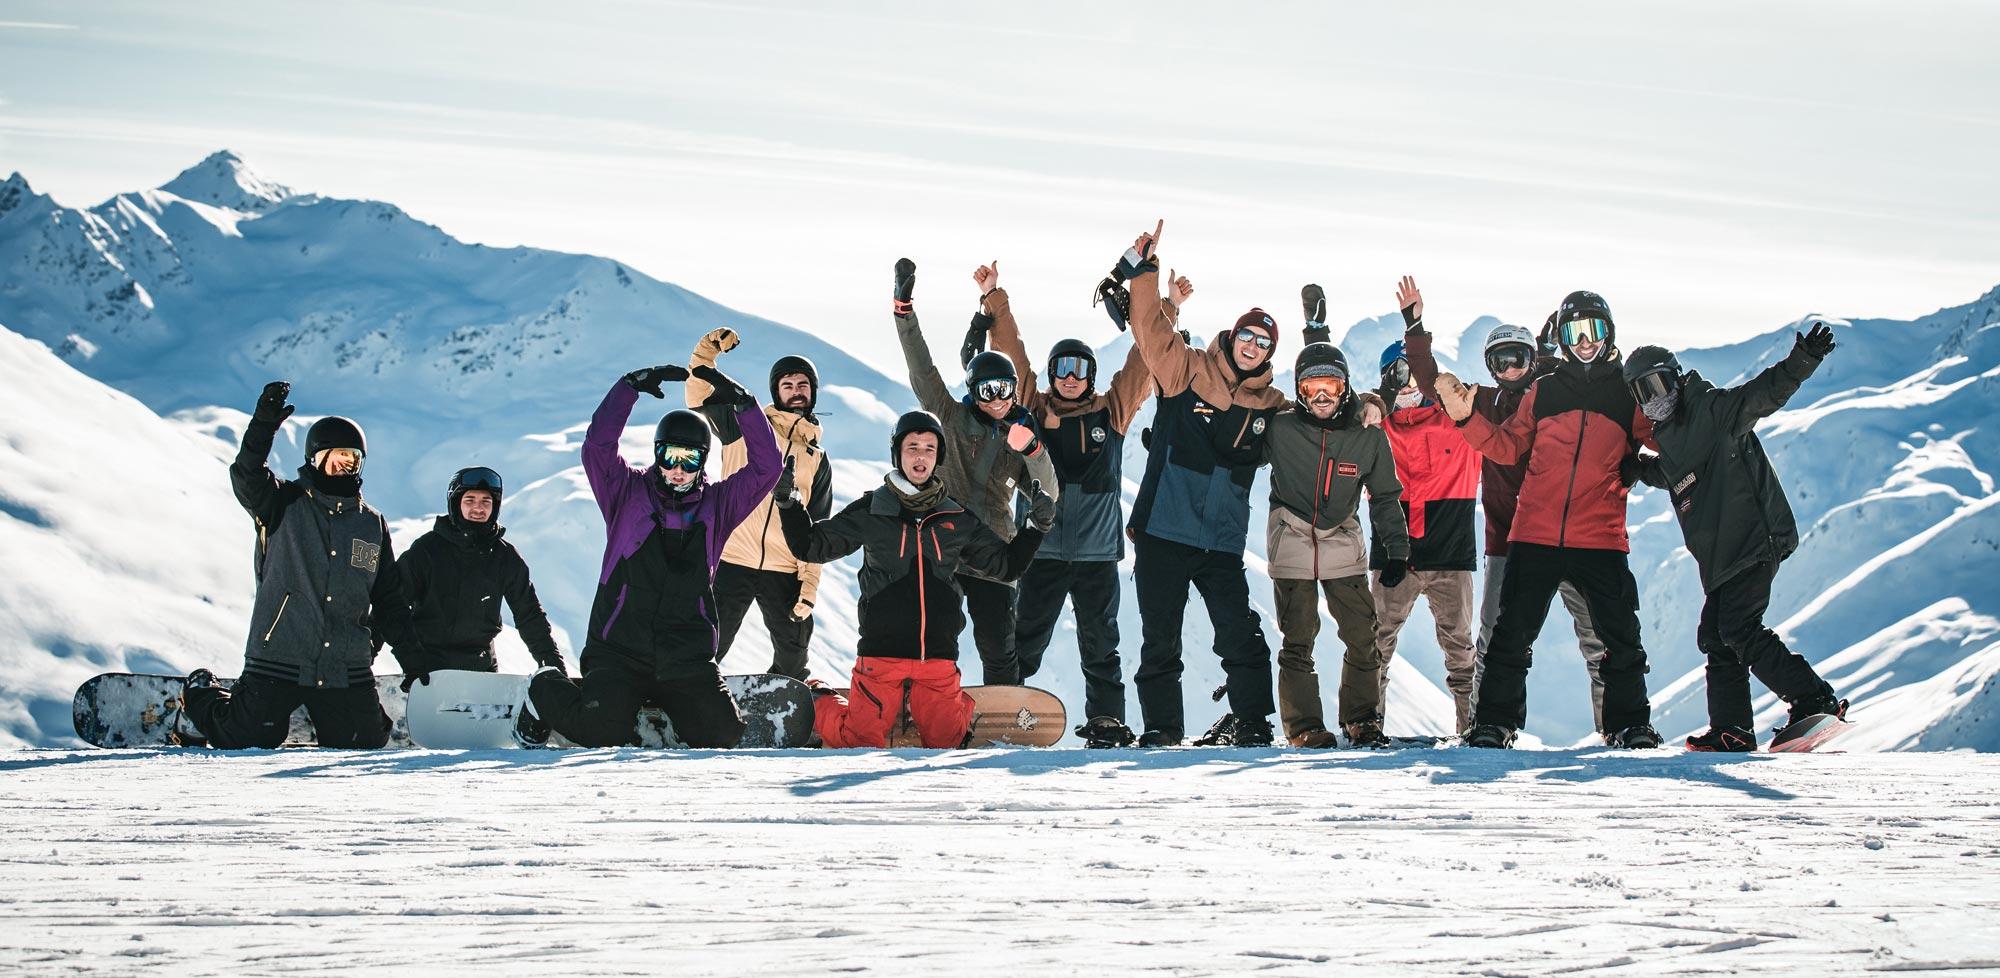 snowboard camp livigno 2021